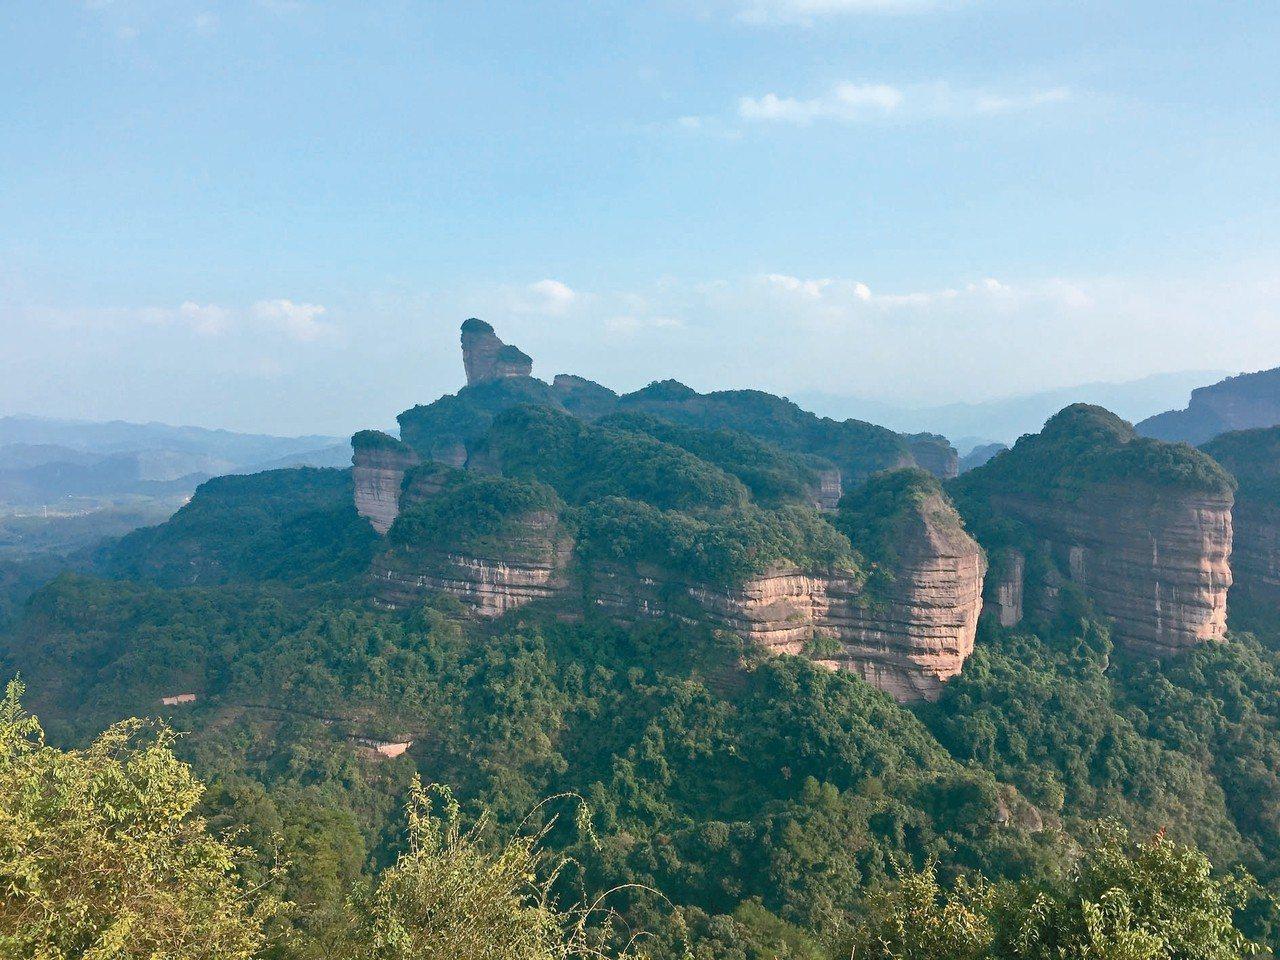 「中國紅石公園」丹霞山,景色奇麗。 記者汪莉絹/攝影